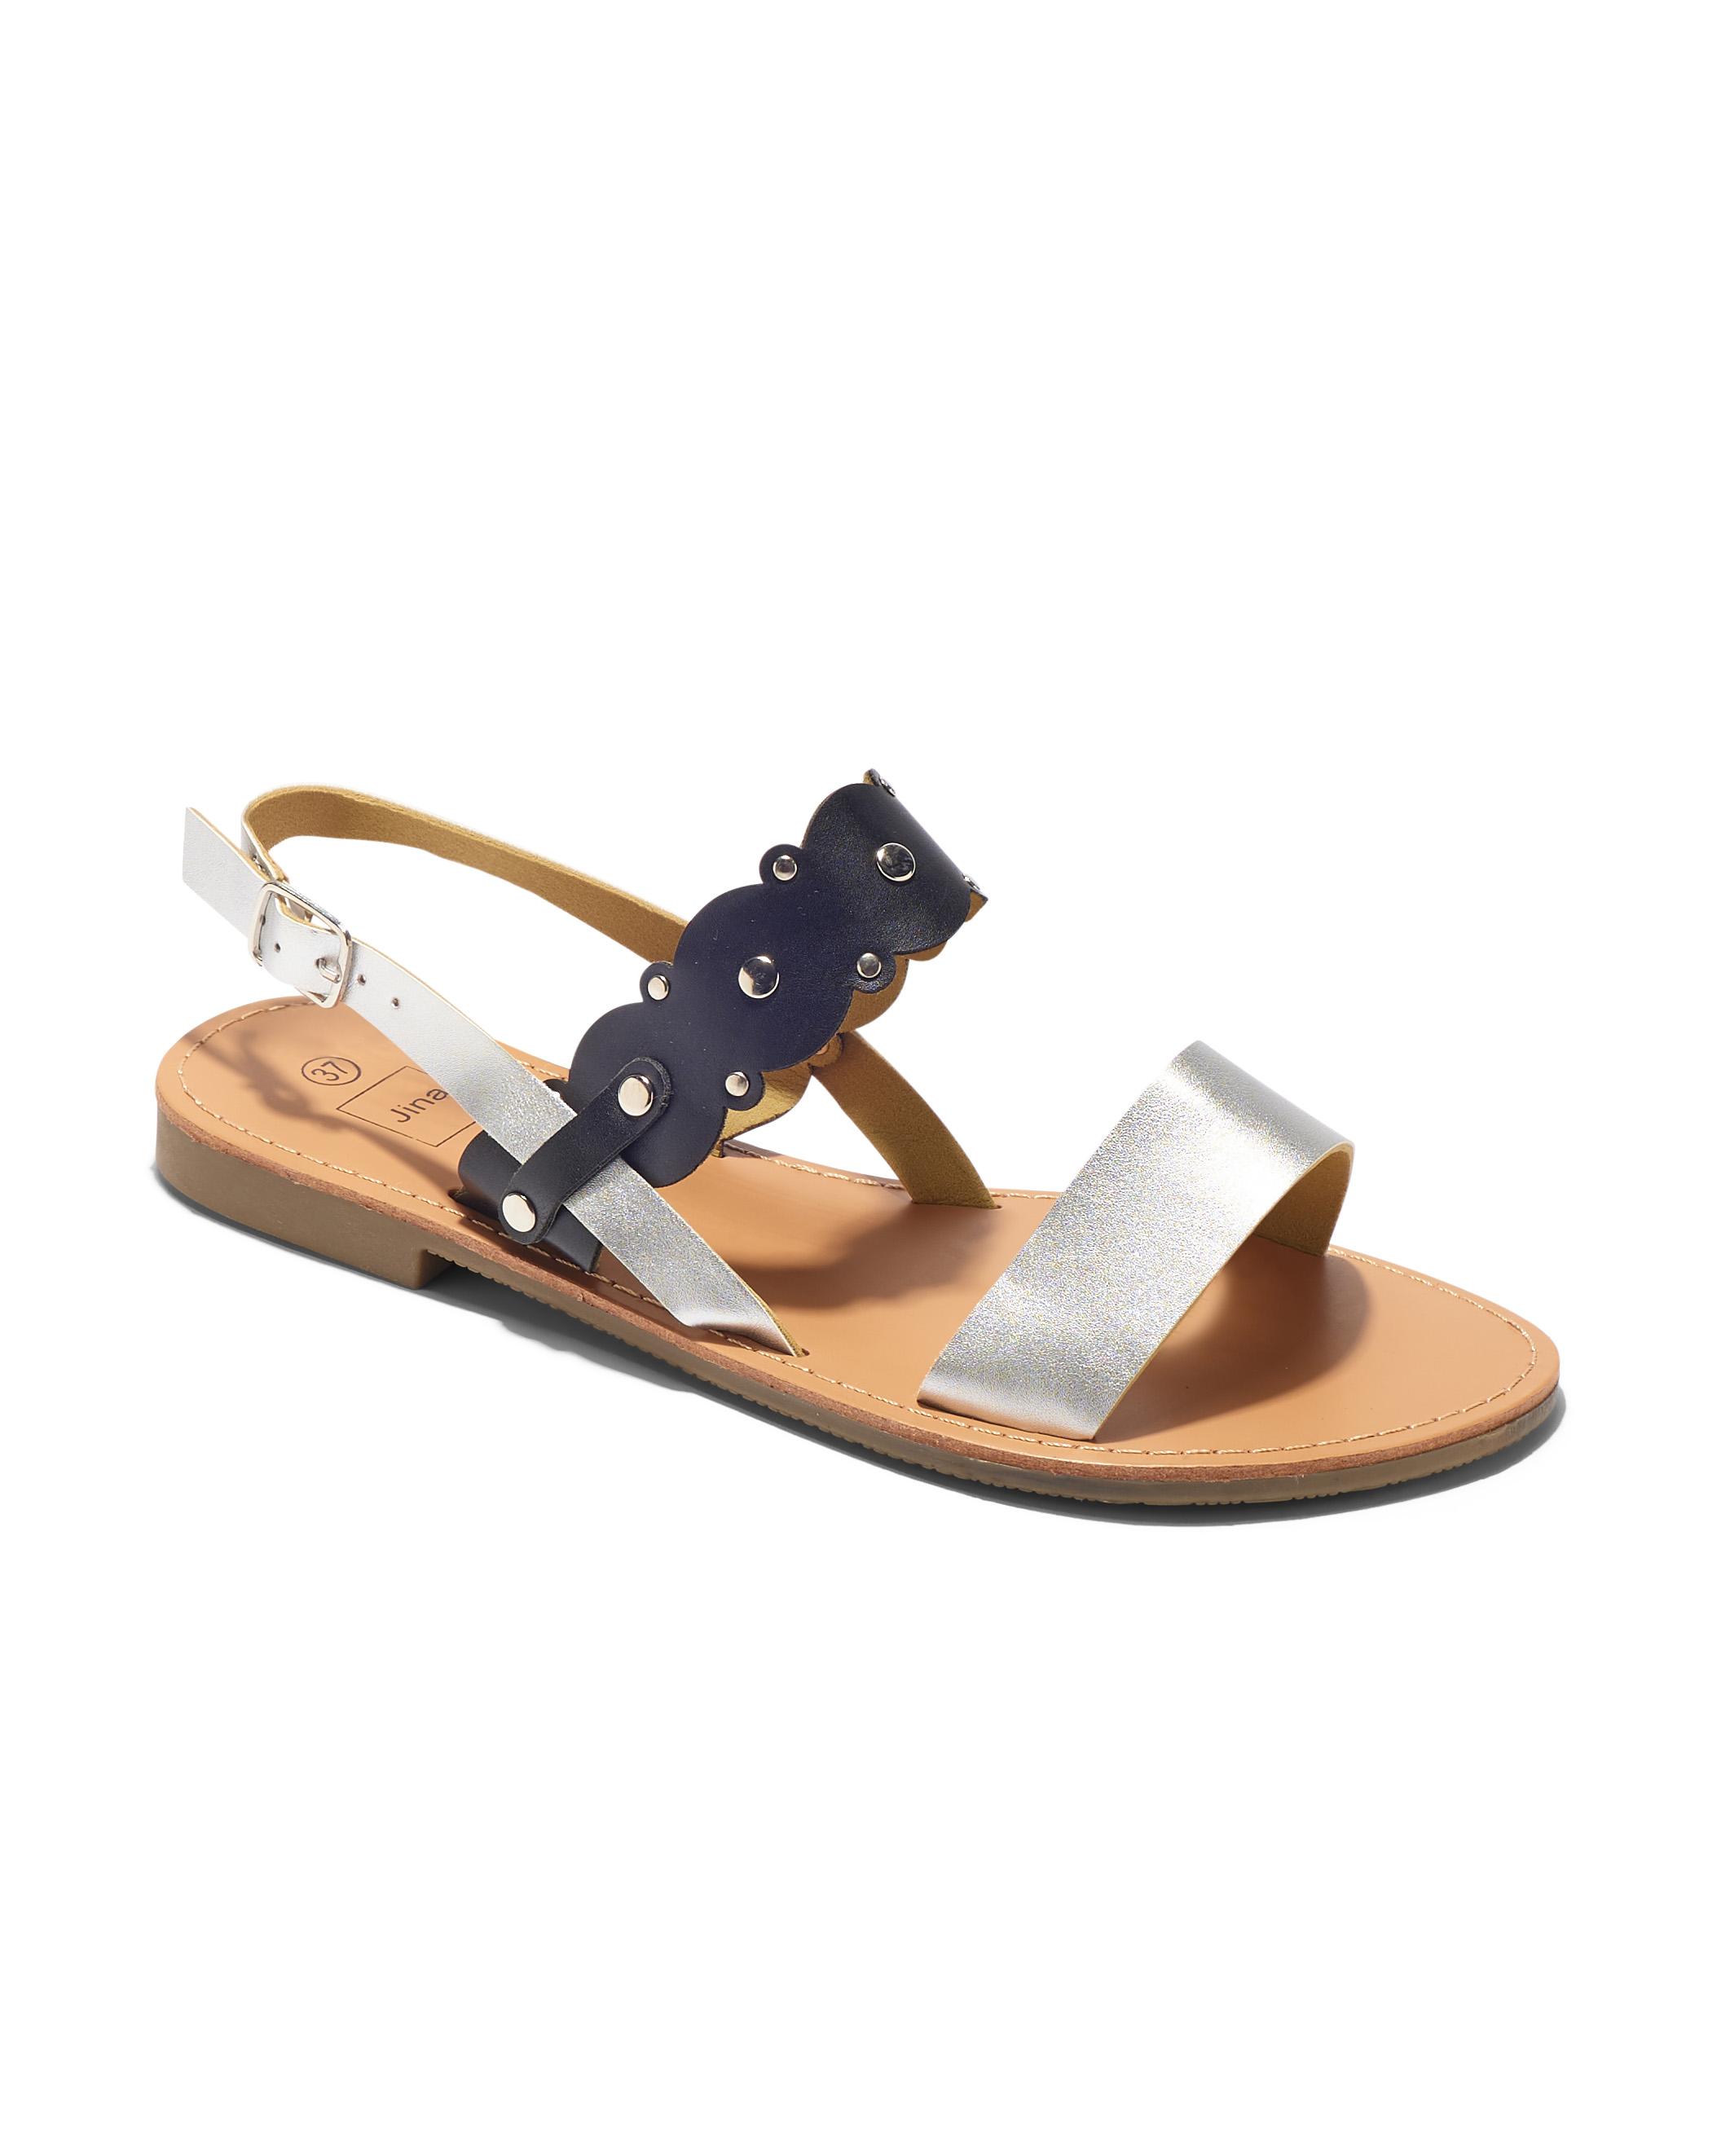 Sandales Plates Femme - Sandale Plate Noir Jina - Style 3 Zh 2021